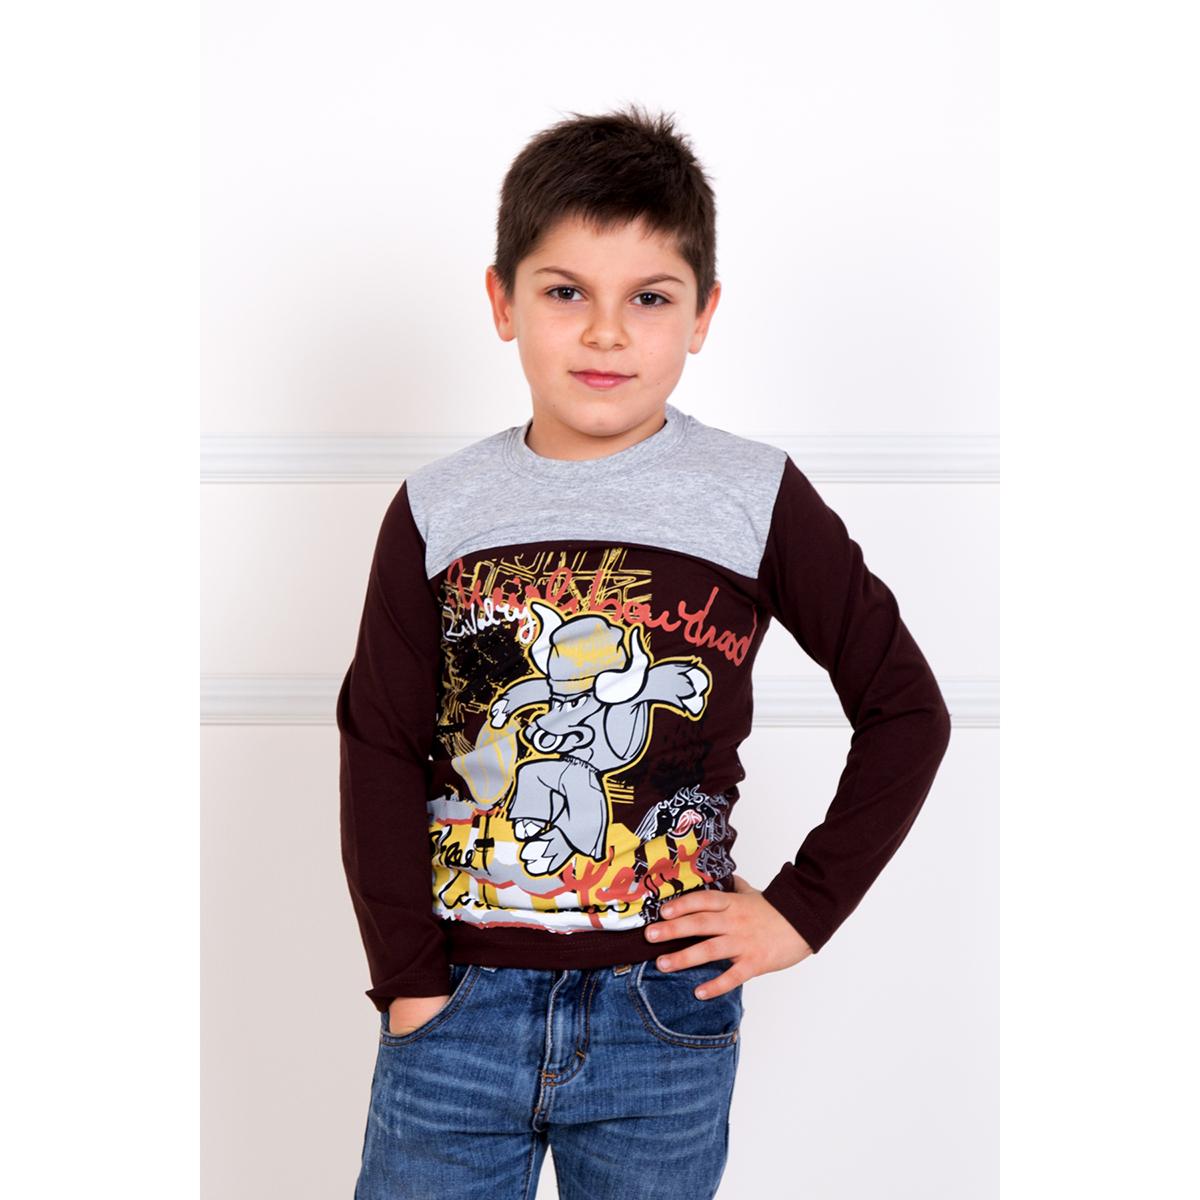 """Детская футболка """"Кирилл"""" Коричневый, размер 5 лет Узбекистан """"Pepelino"""""""